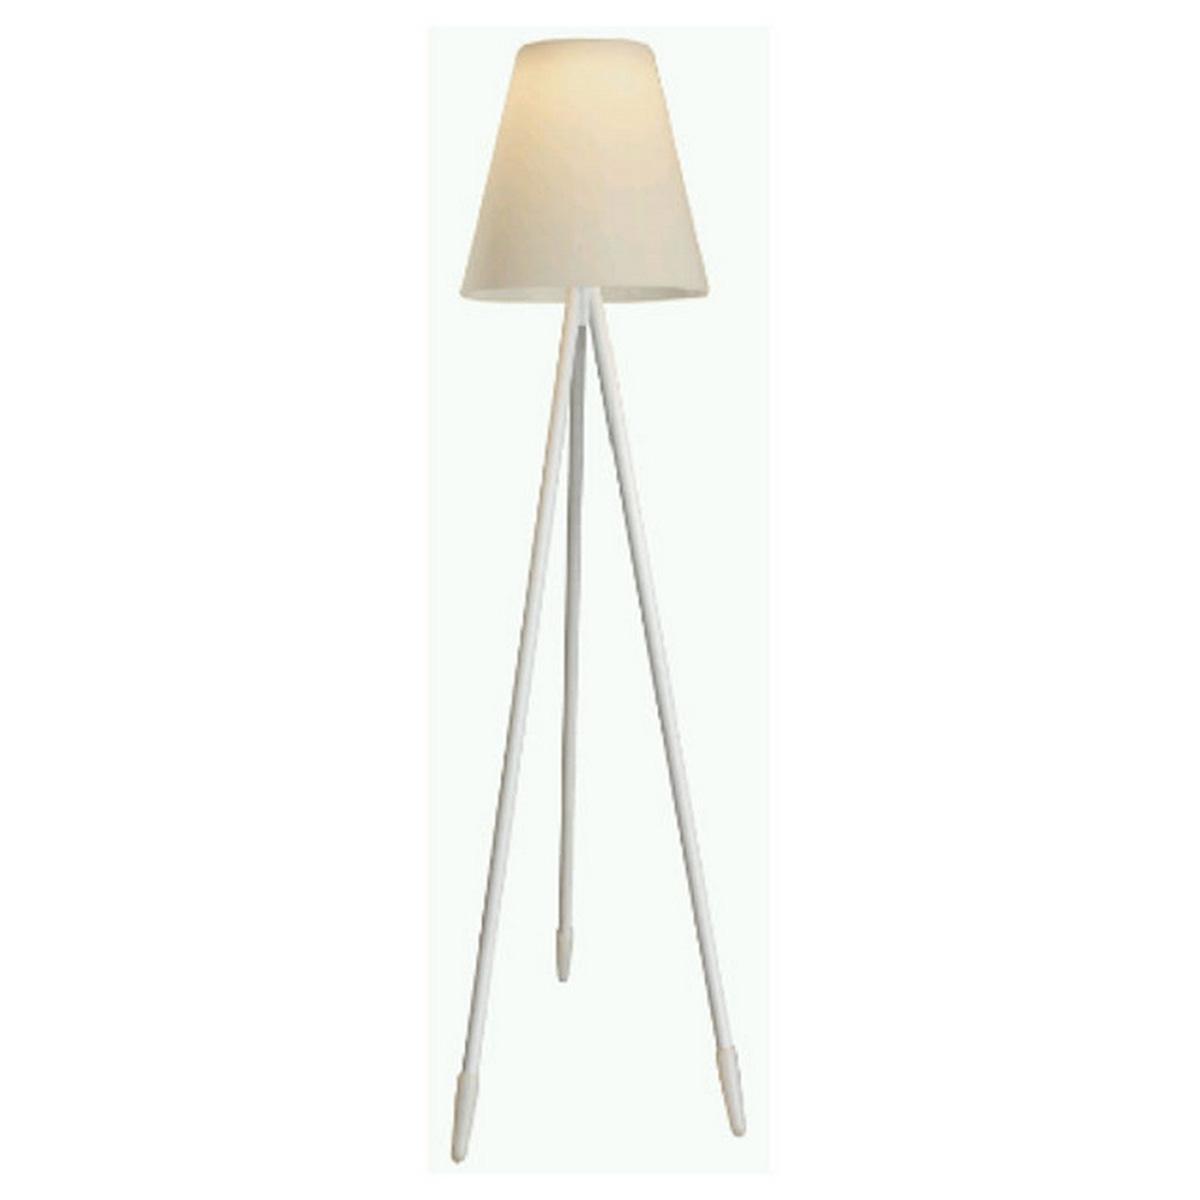 Lampadaire d'extérieur à 3 pieds - Blanc - 60.00 cm x 60.00 cm x 150.00 cm